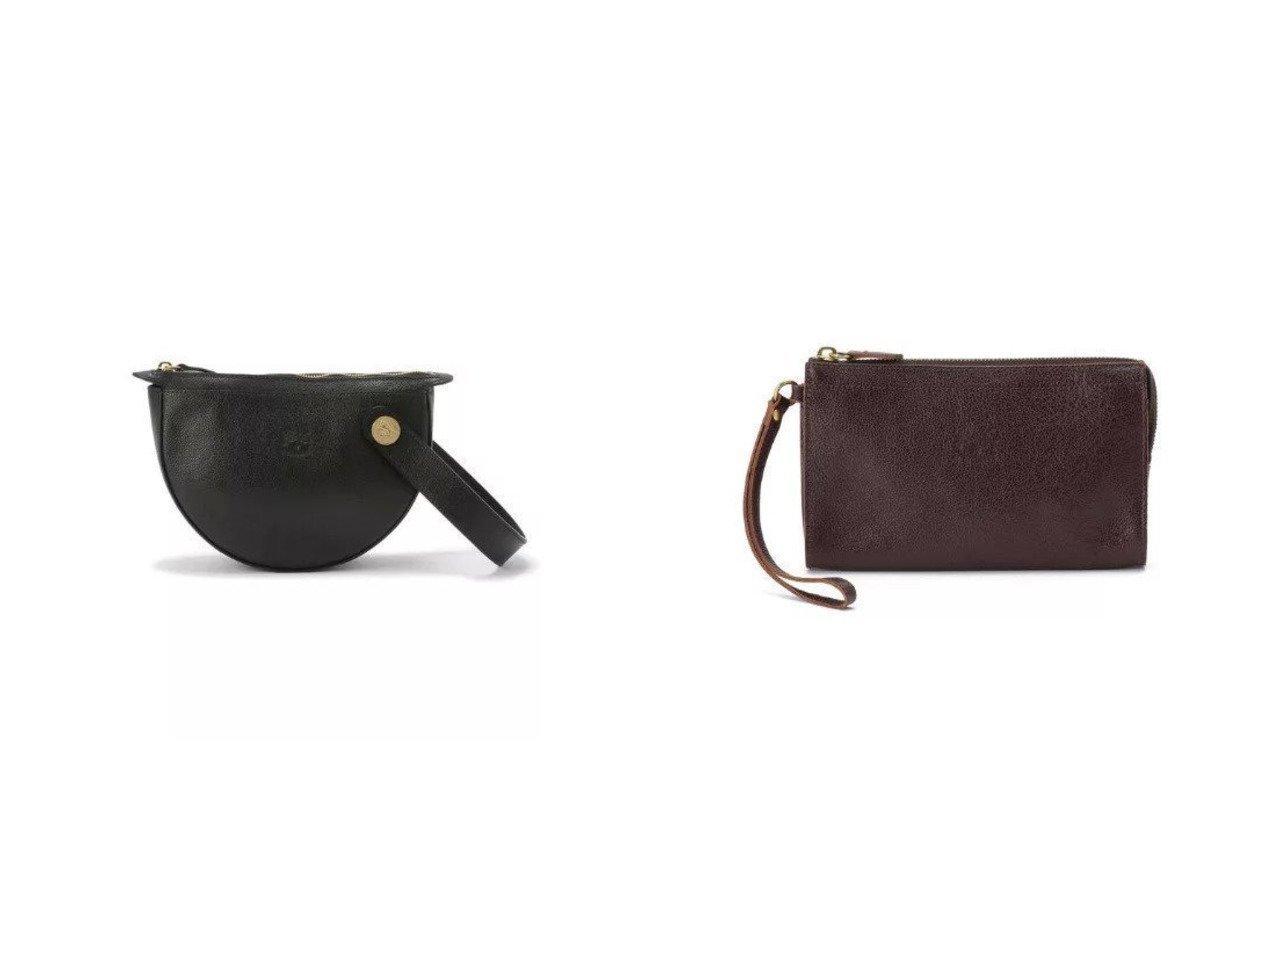 【IL BISONTE/イル ビゾンテ】のクラッチバッグ&クラッチ ロングウォレット バッグ・鞄のおすすめ!人気、トレンド・レディースファッションの通販  おすすめで人気の流行・トレンド、ファッションの通販商品 メンズファッション・キッズファッション・インテリア・家具・レディースファッション・服の通販 founy(ファニー) https://founy.com/ ファッション Fashion レディースファッション WOMEN バッグ Bag 財布 Wallets クラッチ スマホ スマート パーティ フォルム 財布 |ID:crp329100000009107